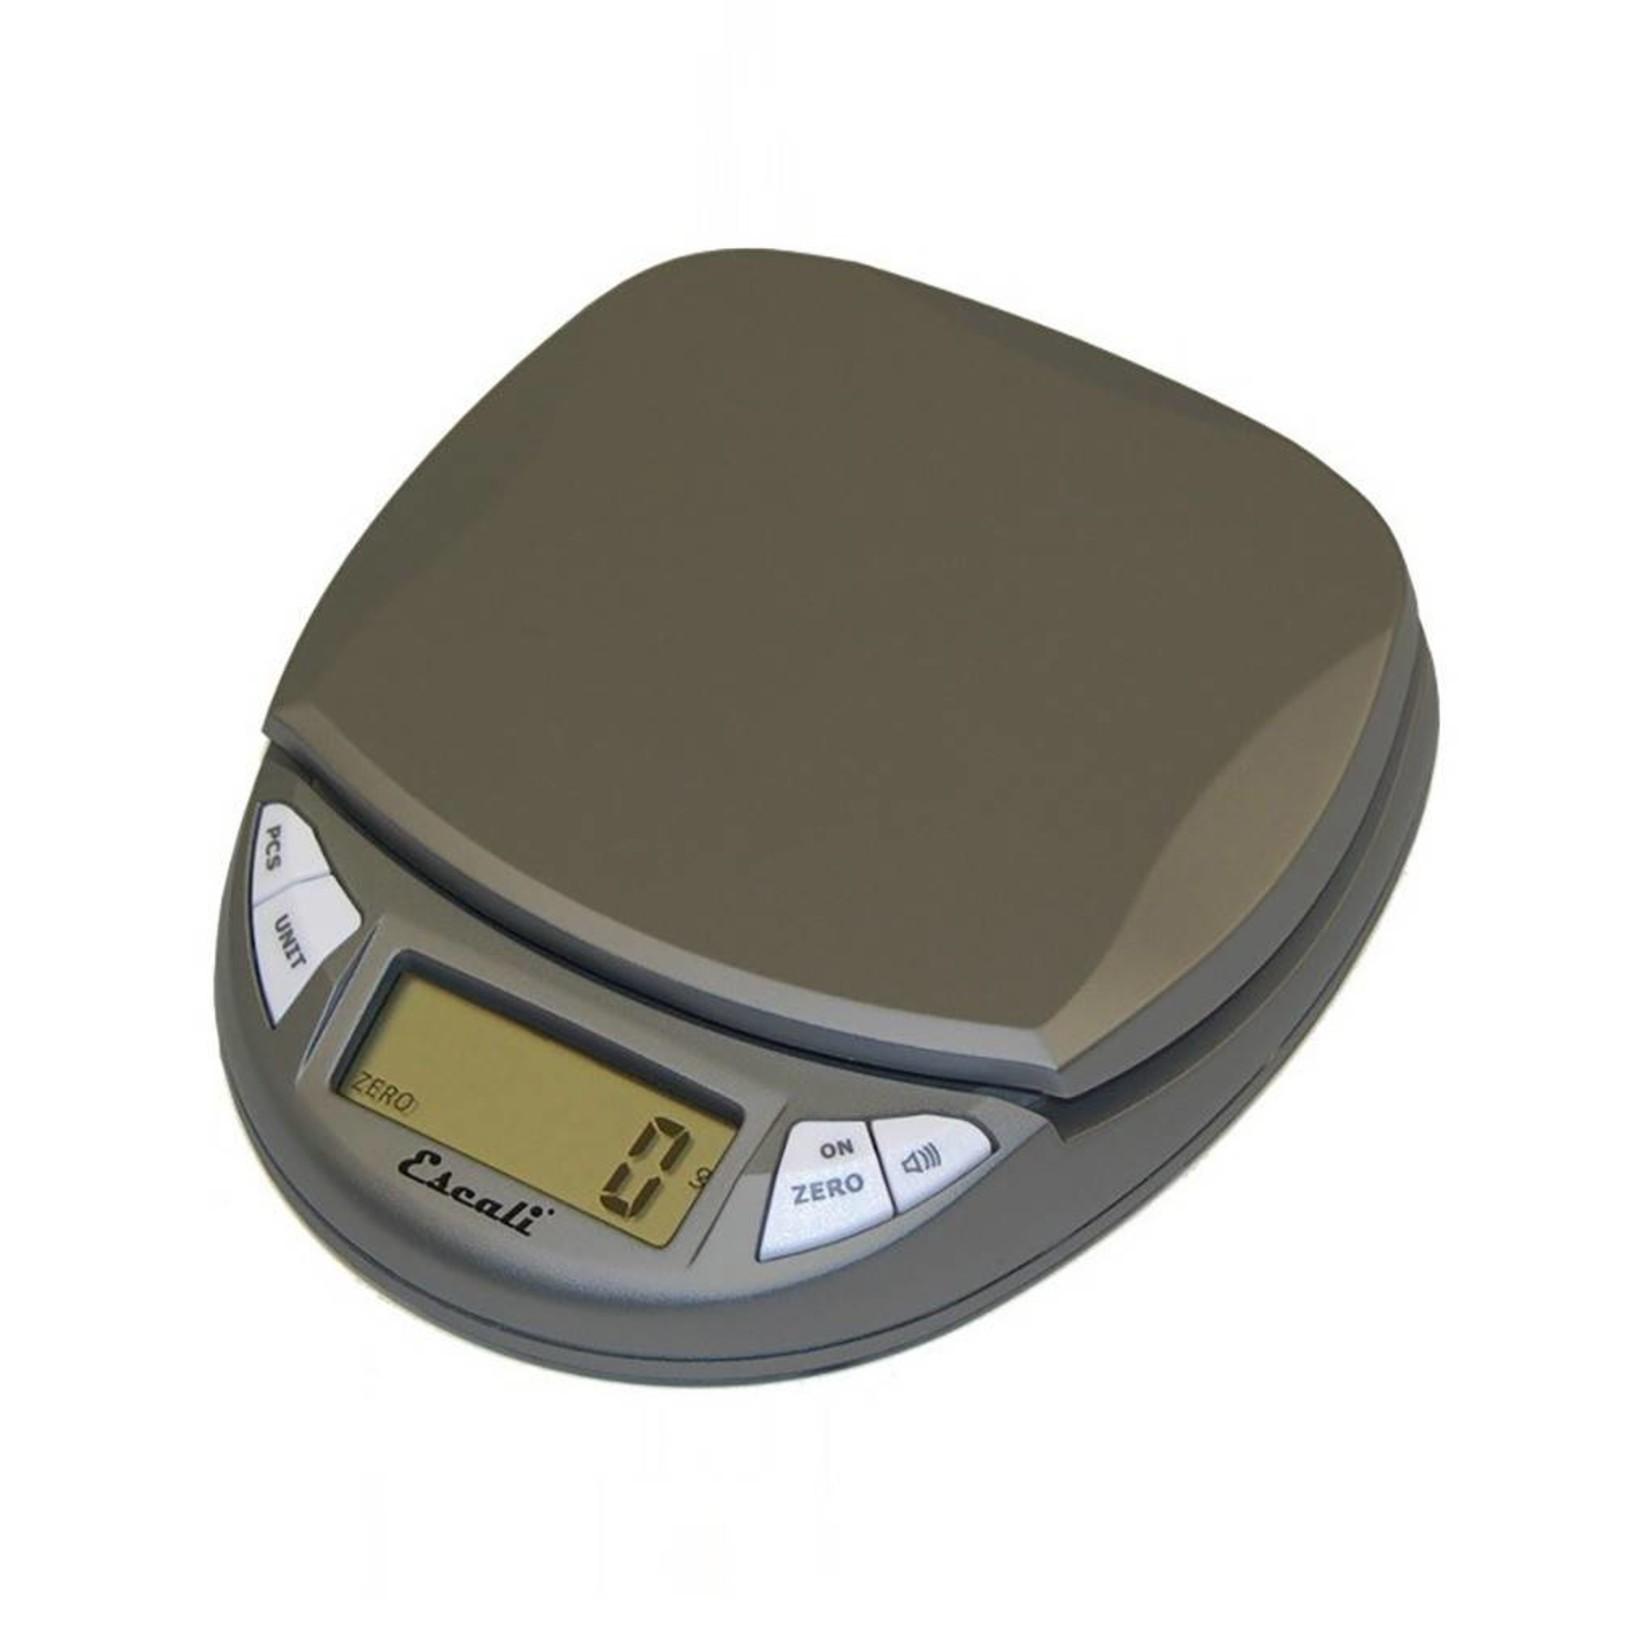 Escali Escali - Pico High Precision Scale 500g, 0.1 g increment